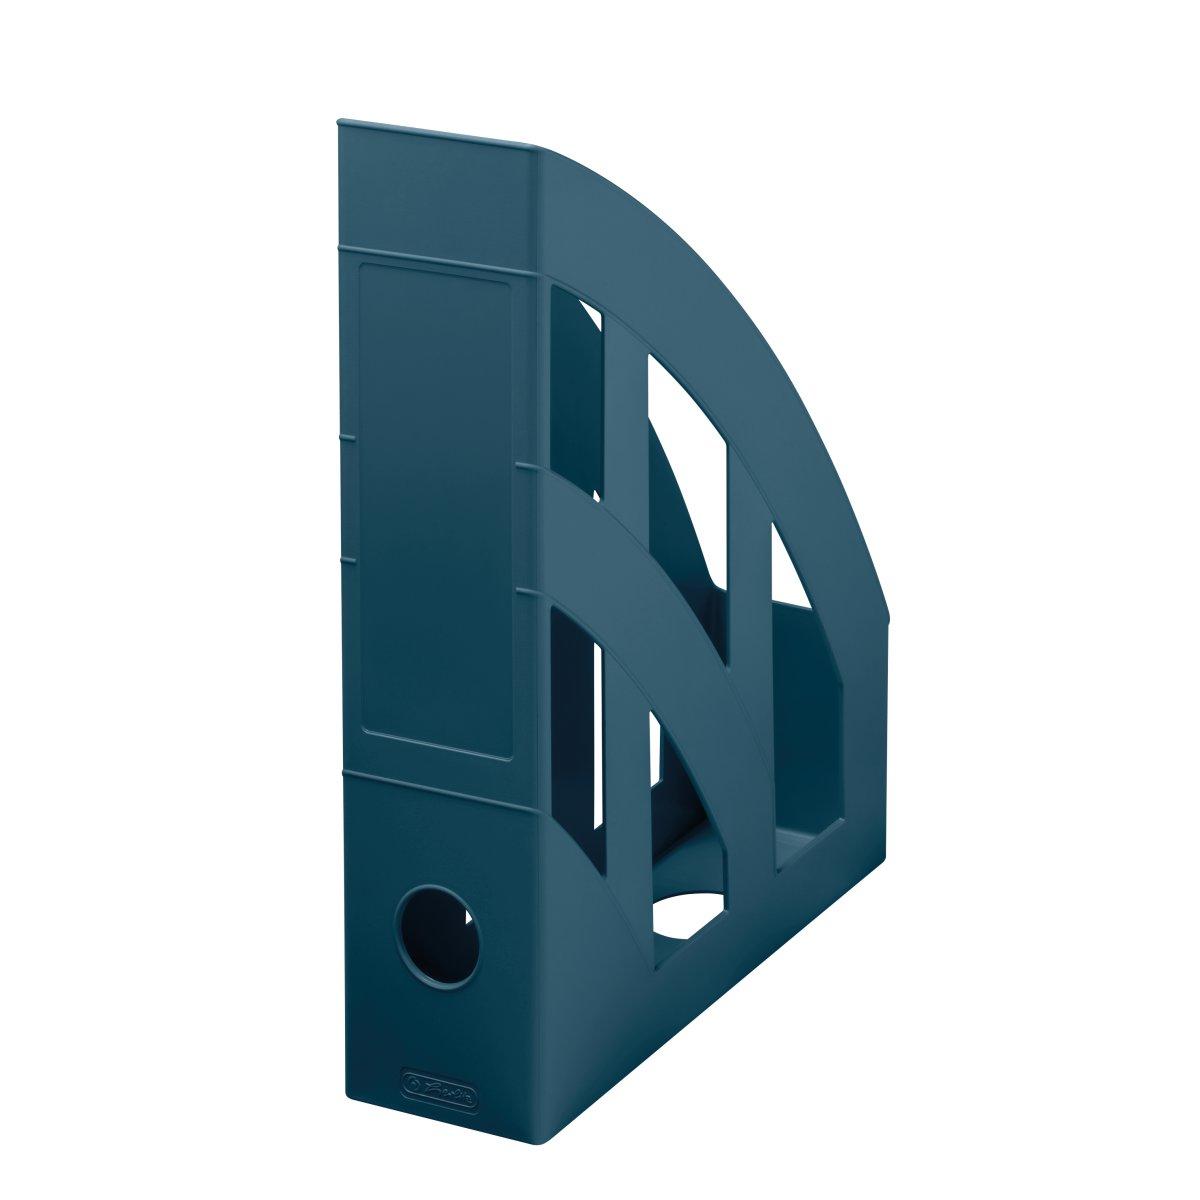 Vorschau: Herlitz 50033997 - Kunststoff - Blau - A4 - Deutschland - 1 Stück(e)